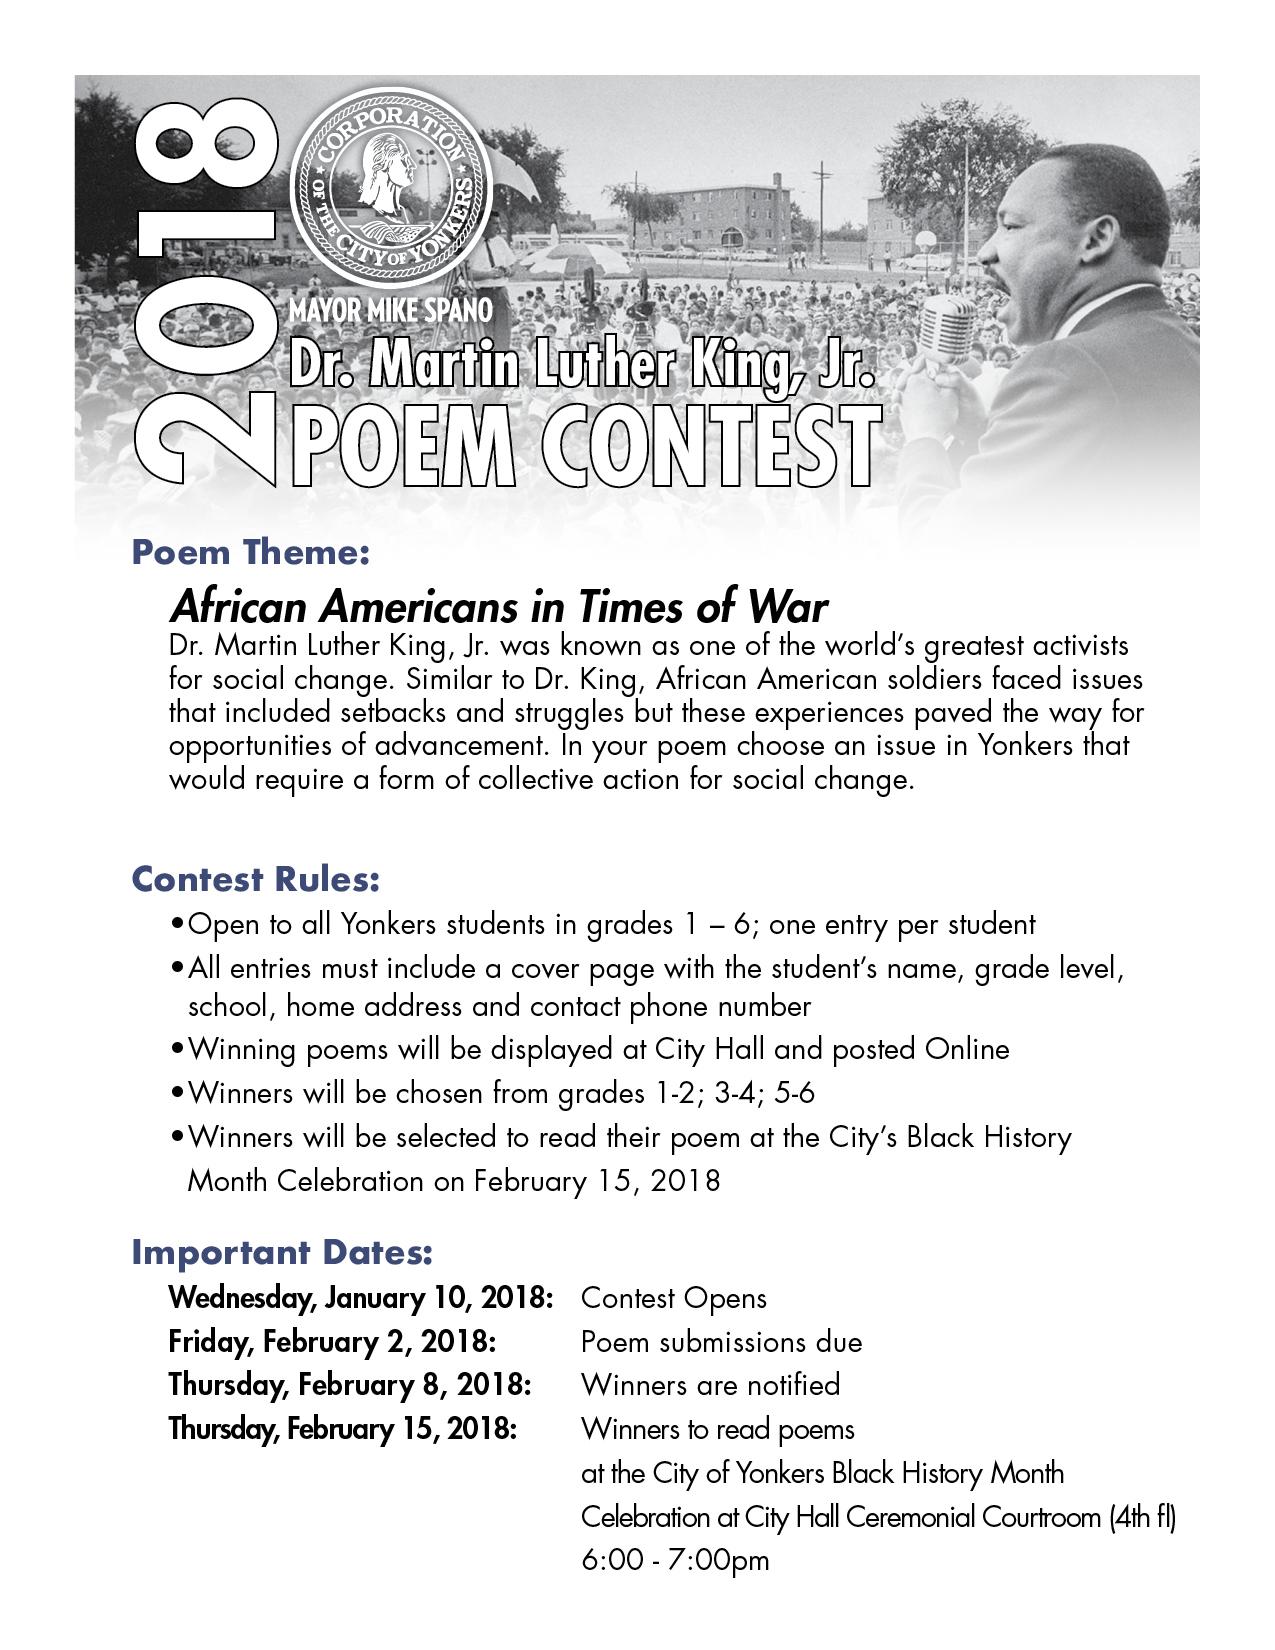 Rev Dr Martin Luther King Jr Poem Video Contest